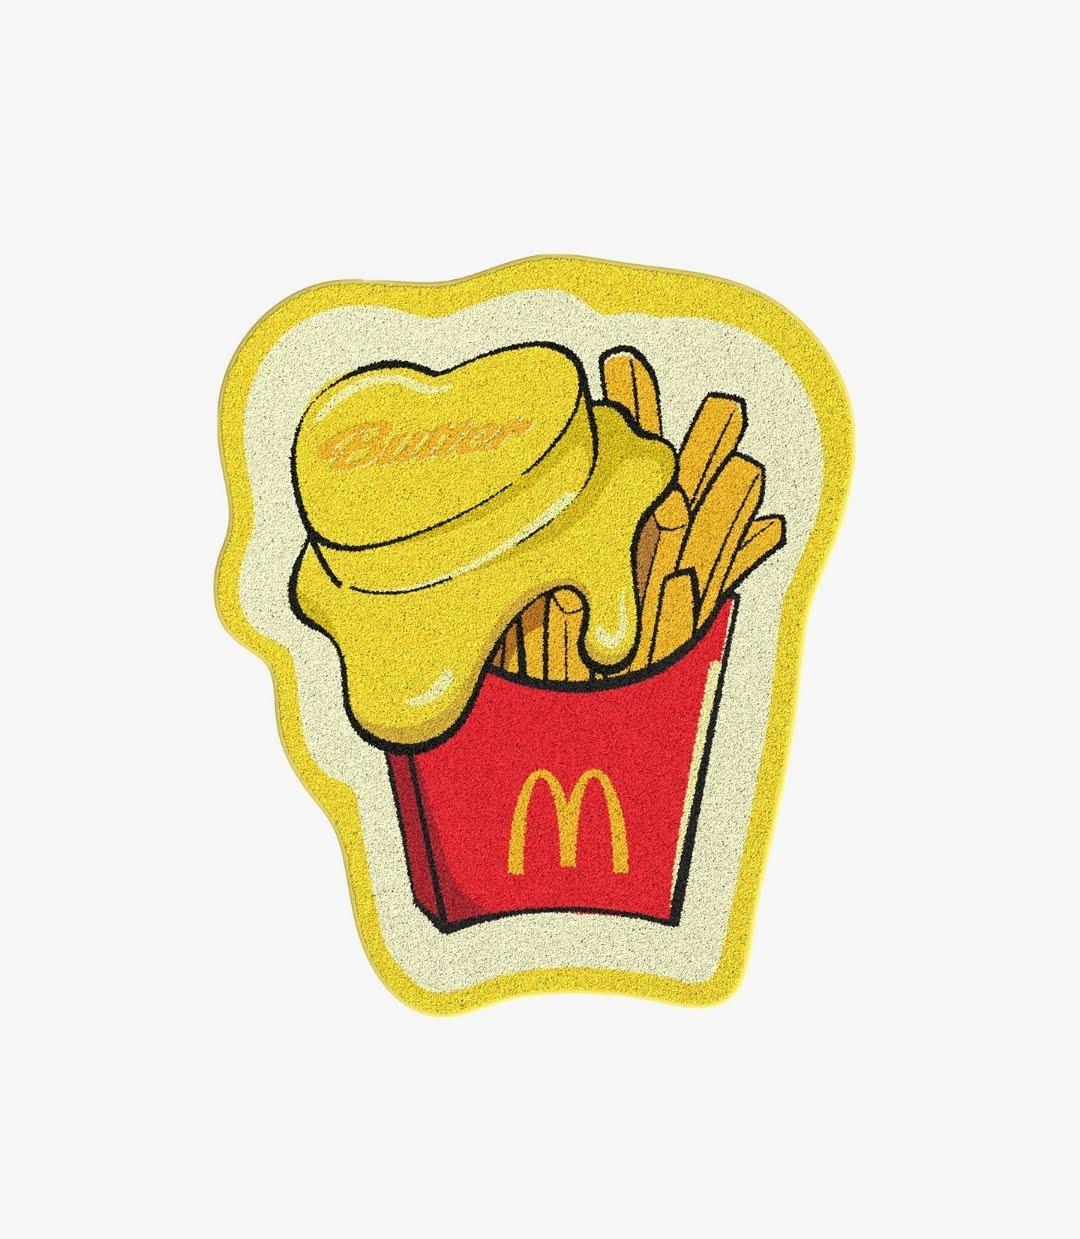 Confira fotos das peças da parceria entre McDonald's e BTS - 29